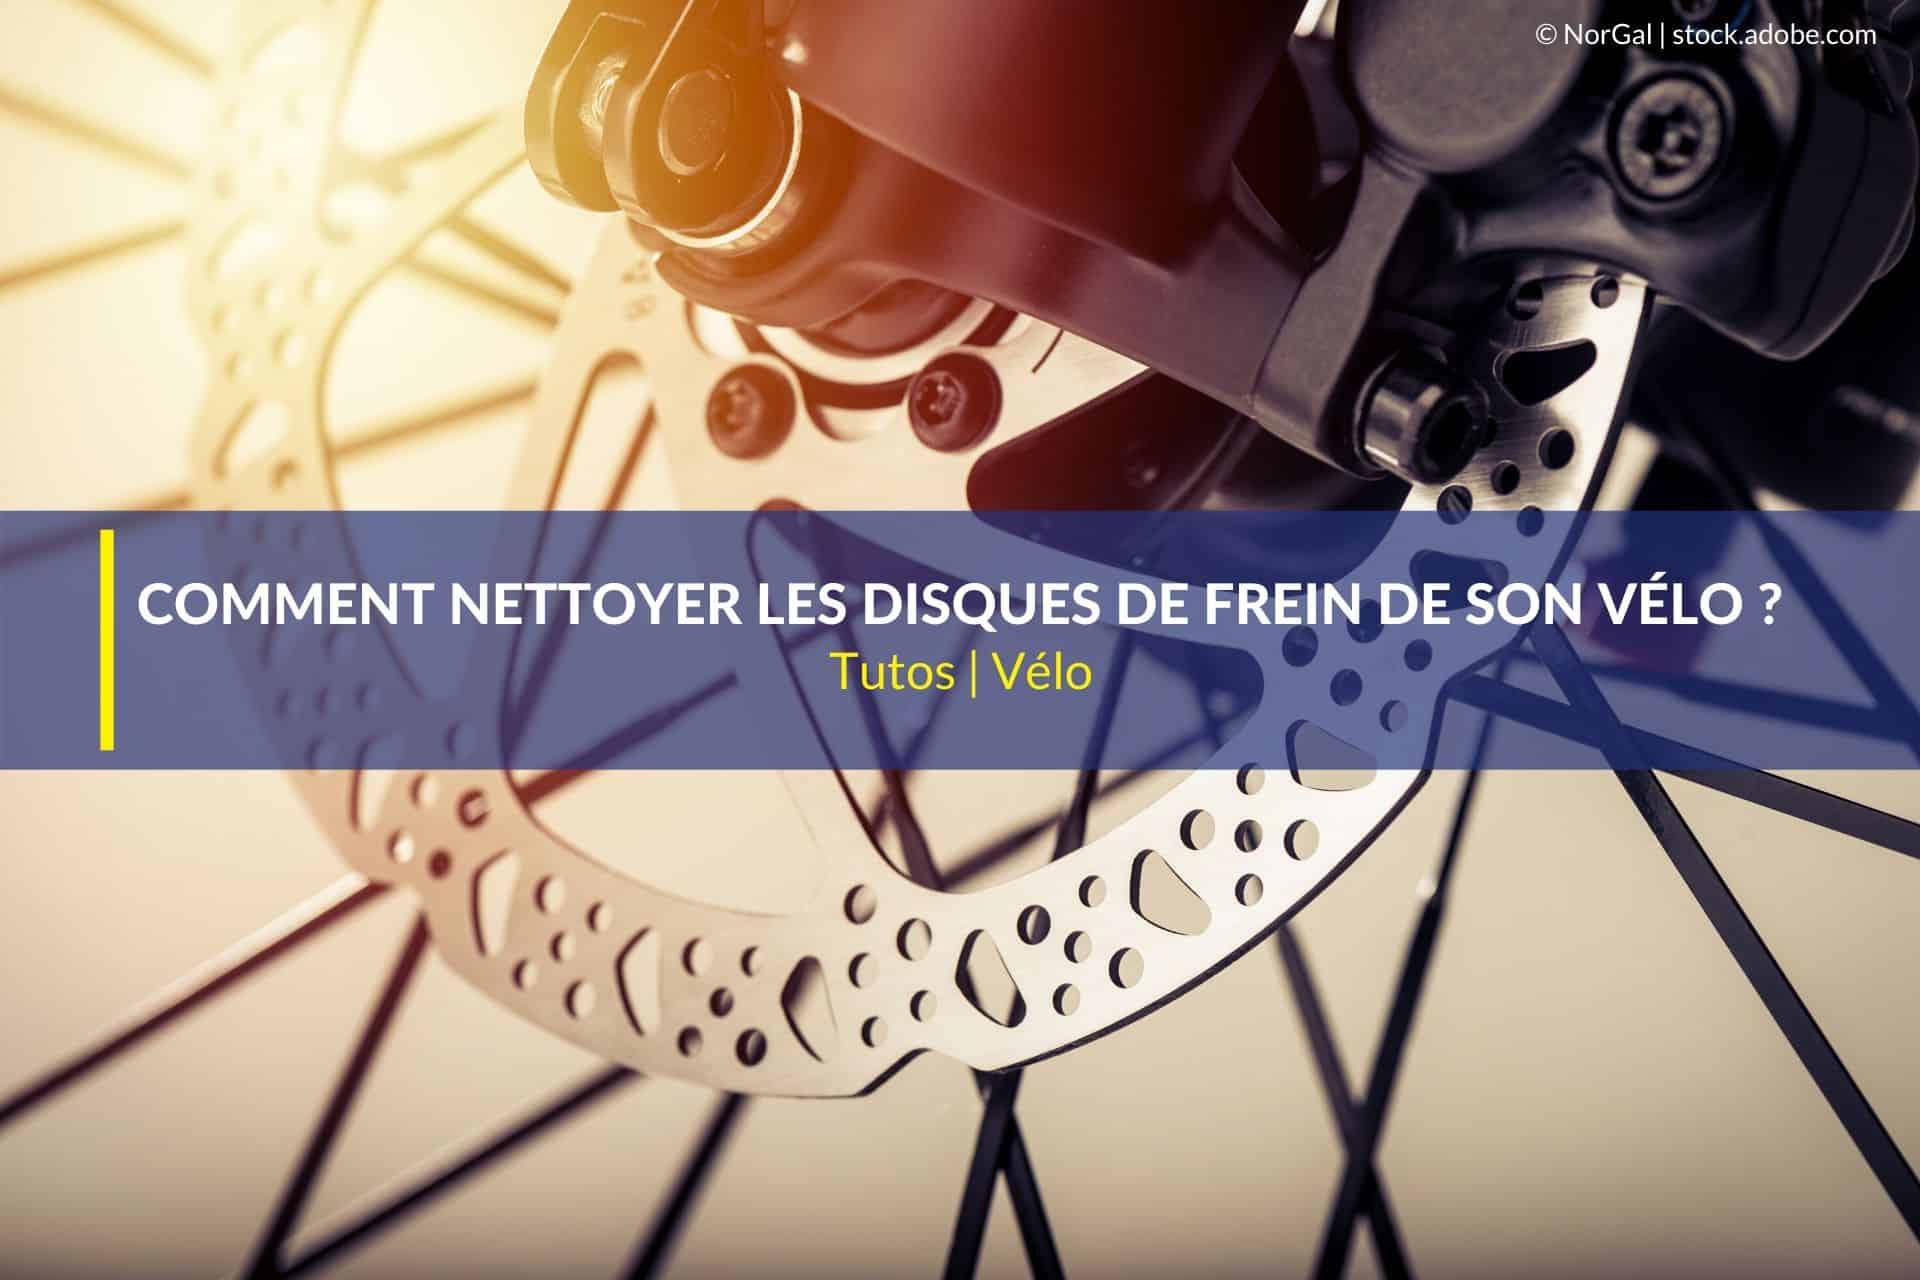 comment nettoyer disques de frein vélo